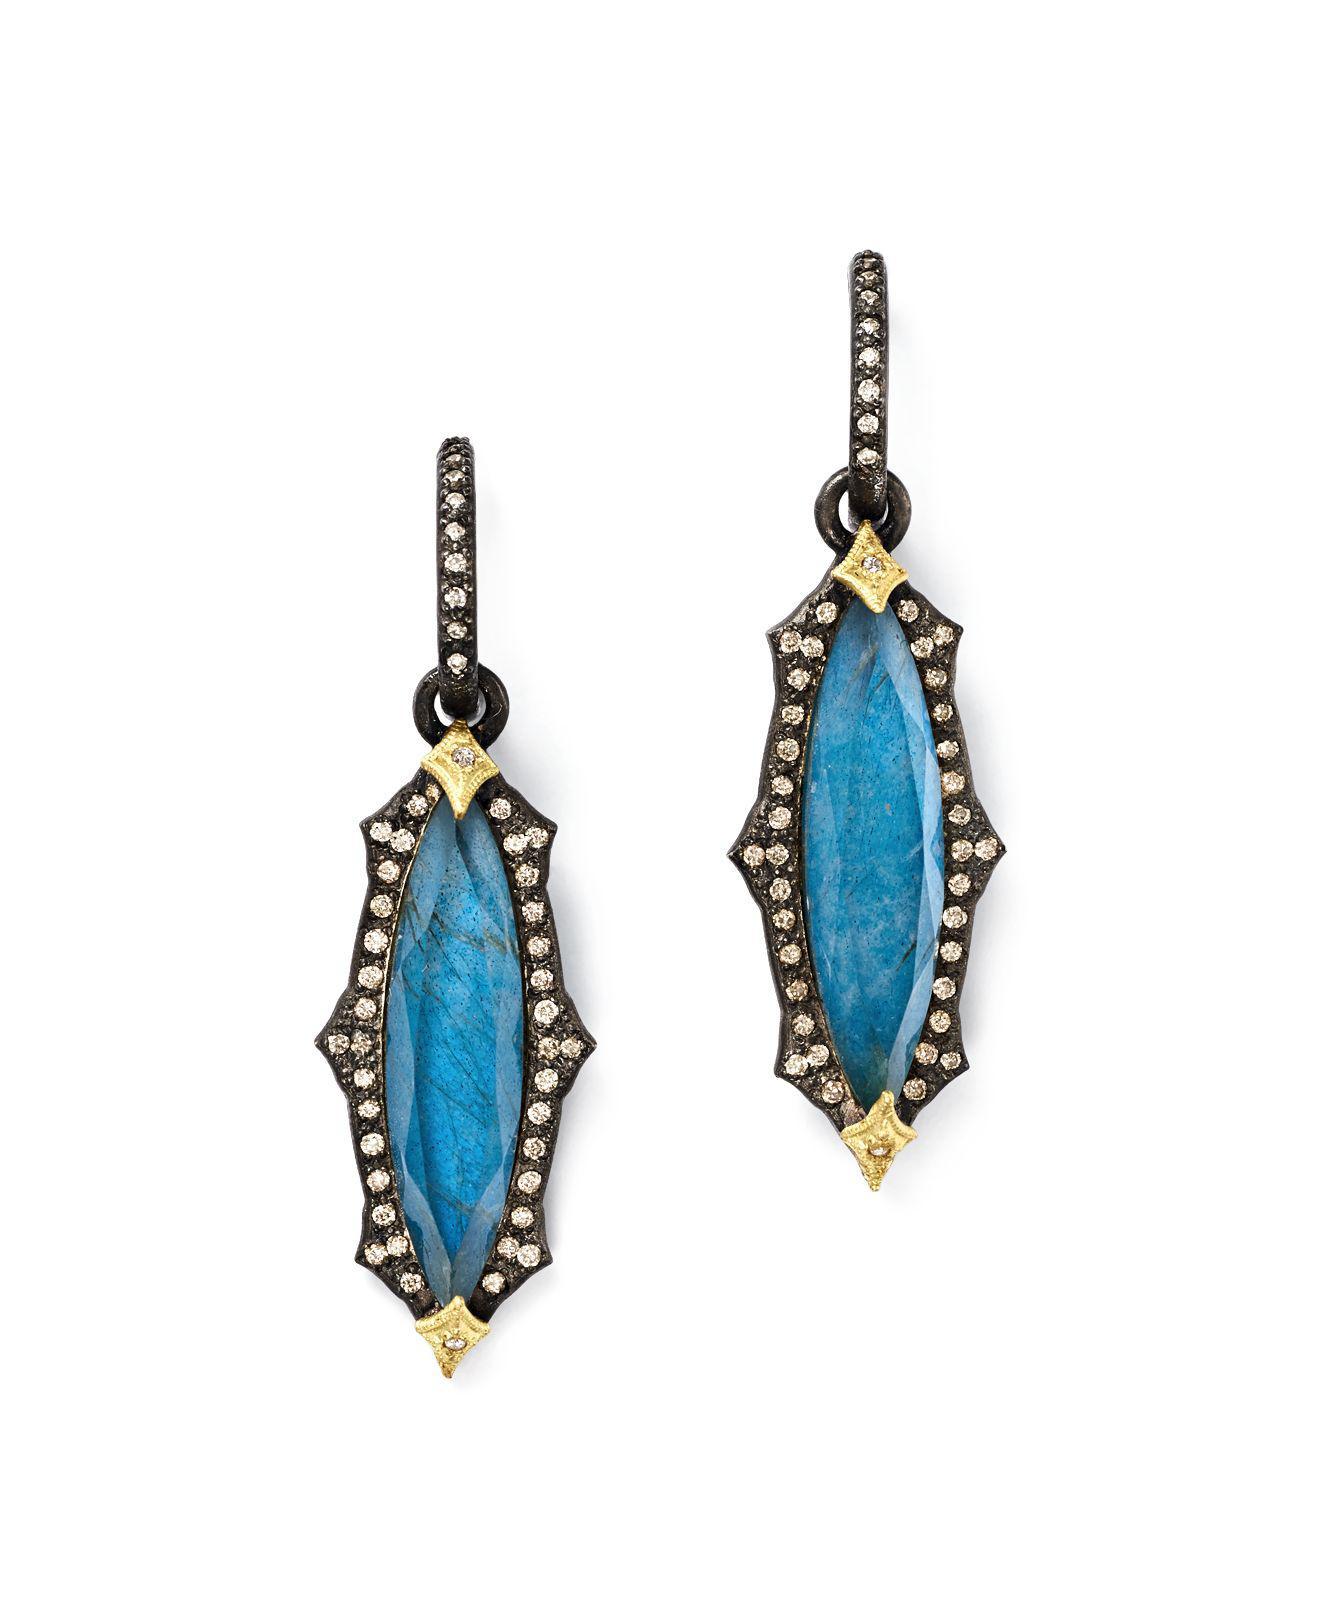 Armenta Emerald-Cut Triplet Drop Earrings w/ 18k Gold 9T75K4